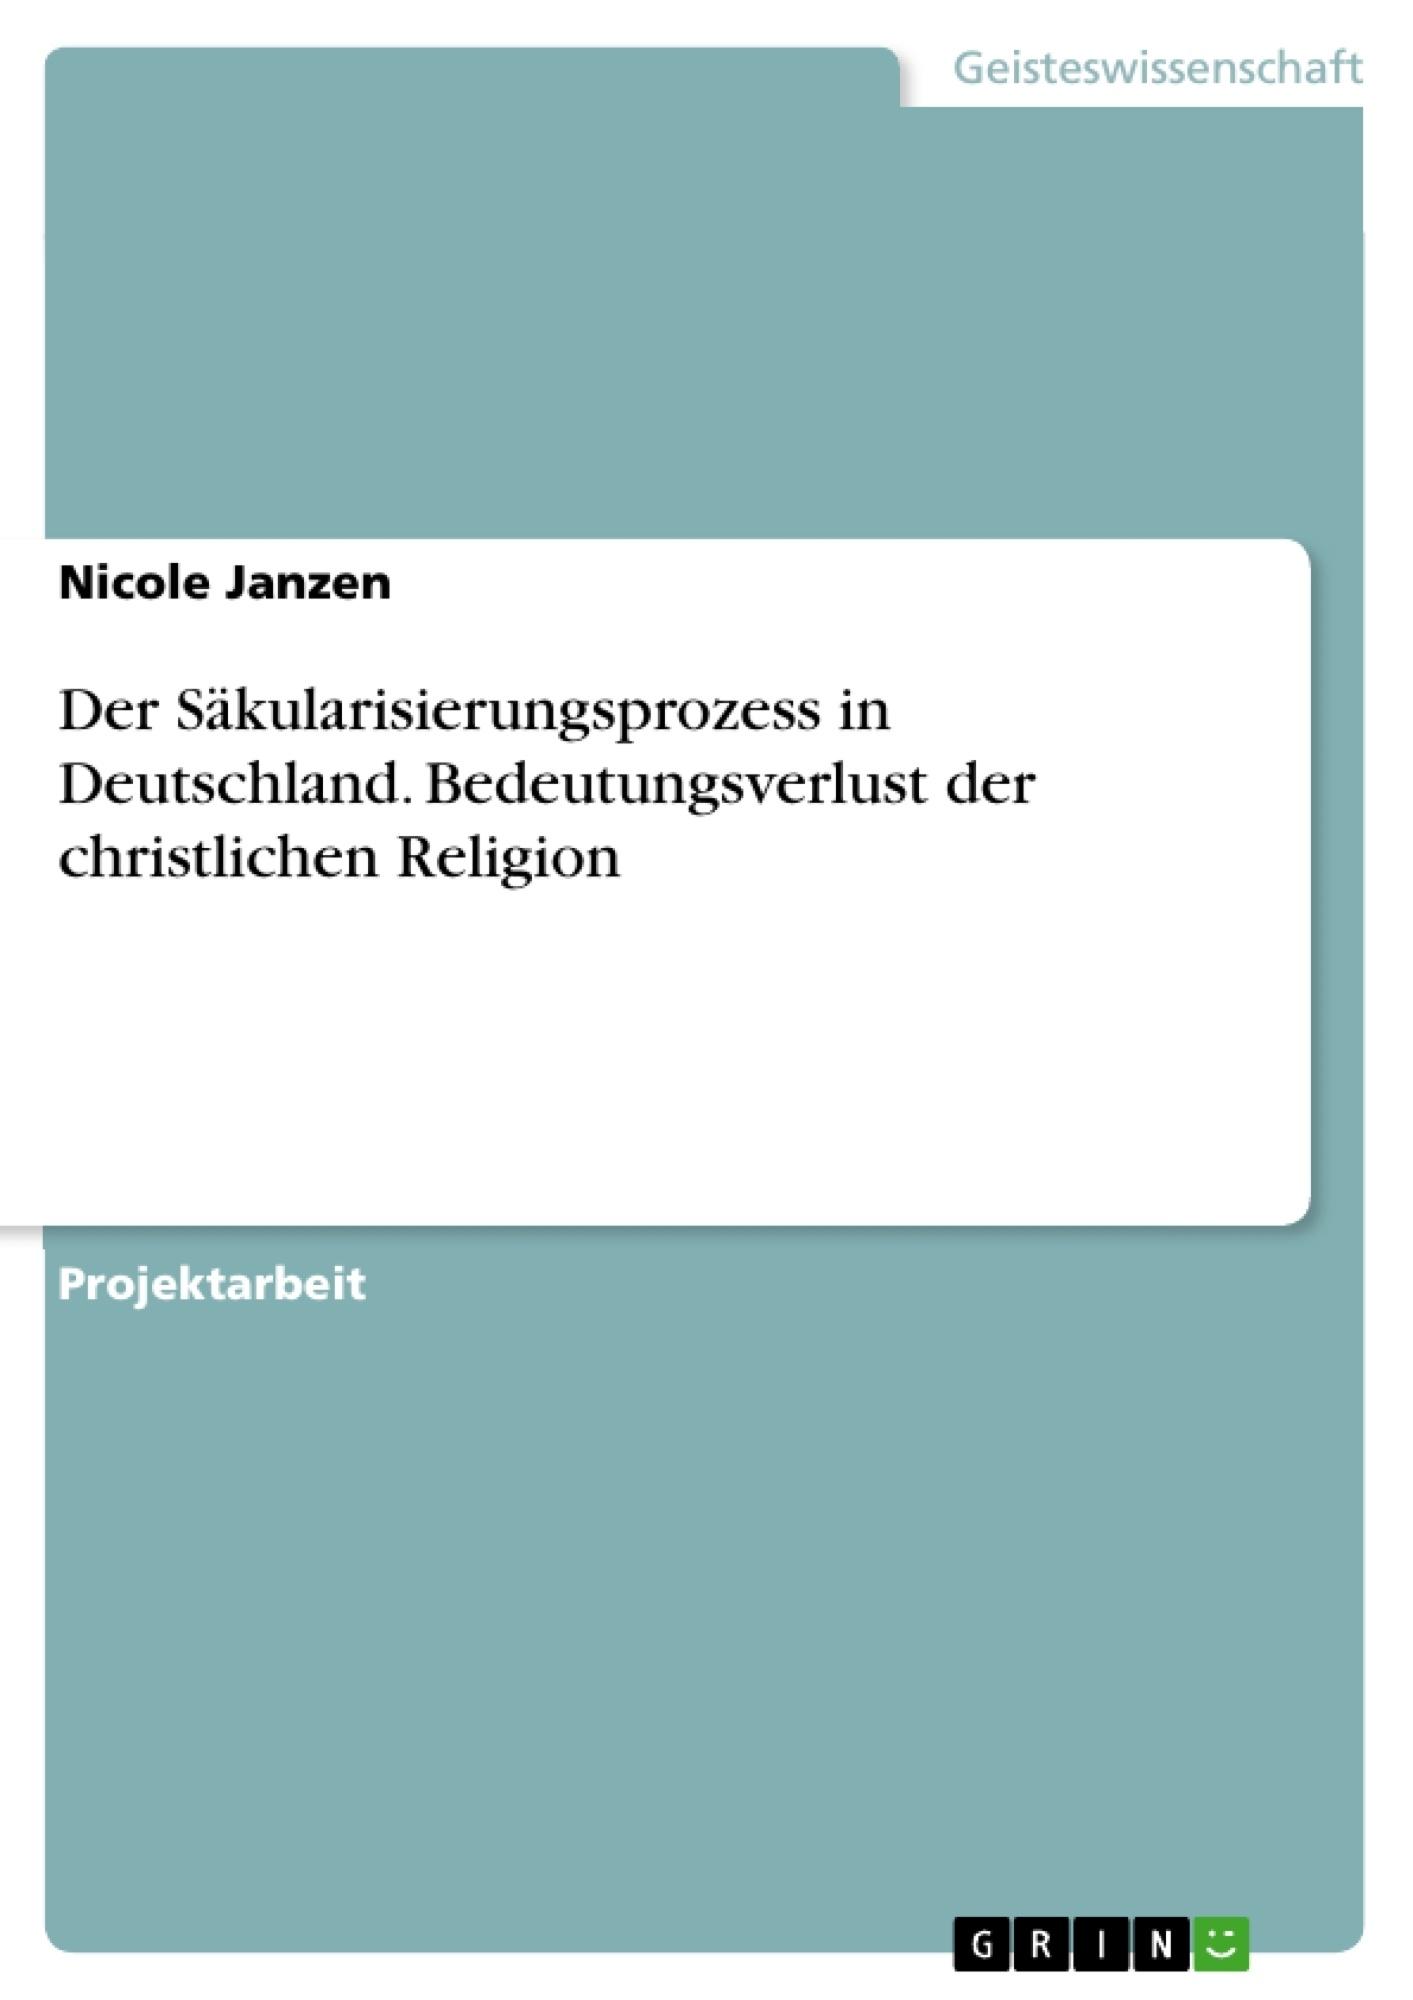 Titel: Der Säkularisierungsprozess in Deutschland. Bedeutungsverlust der christlichen Religion